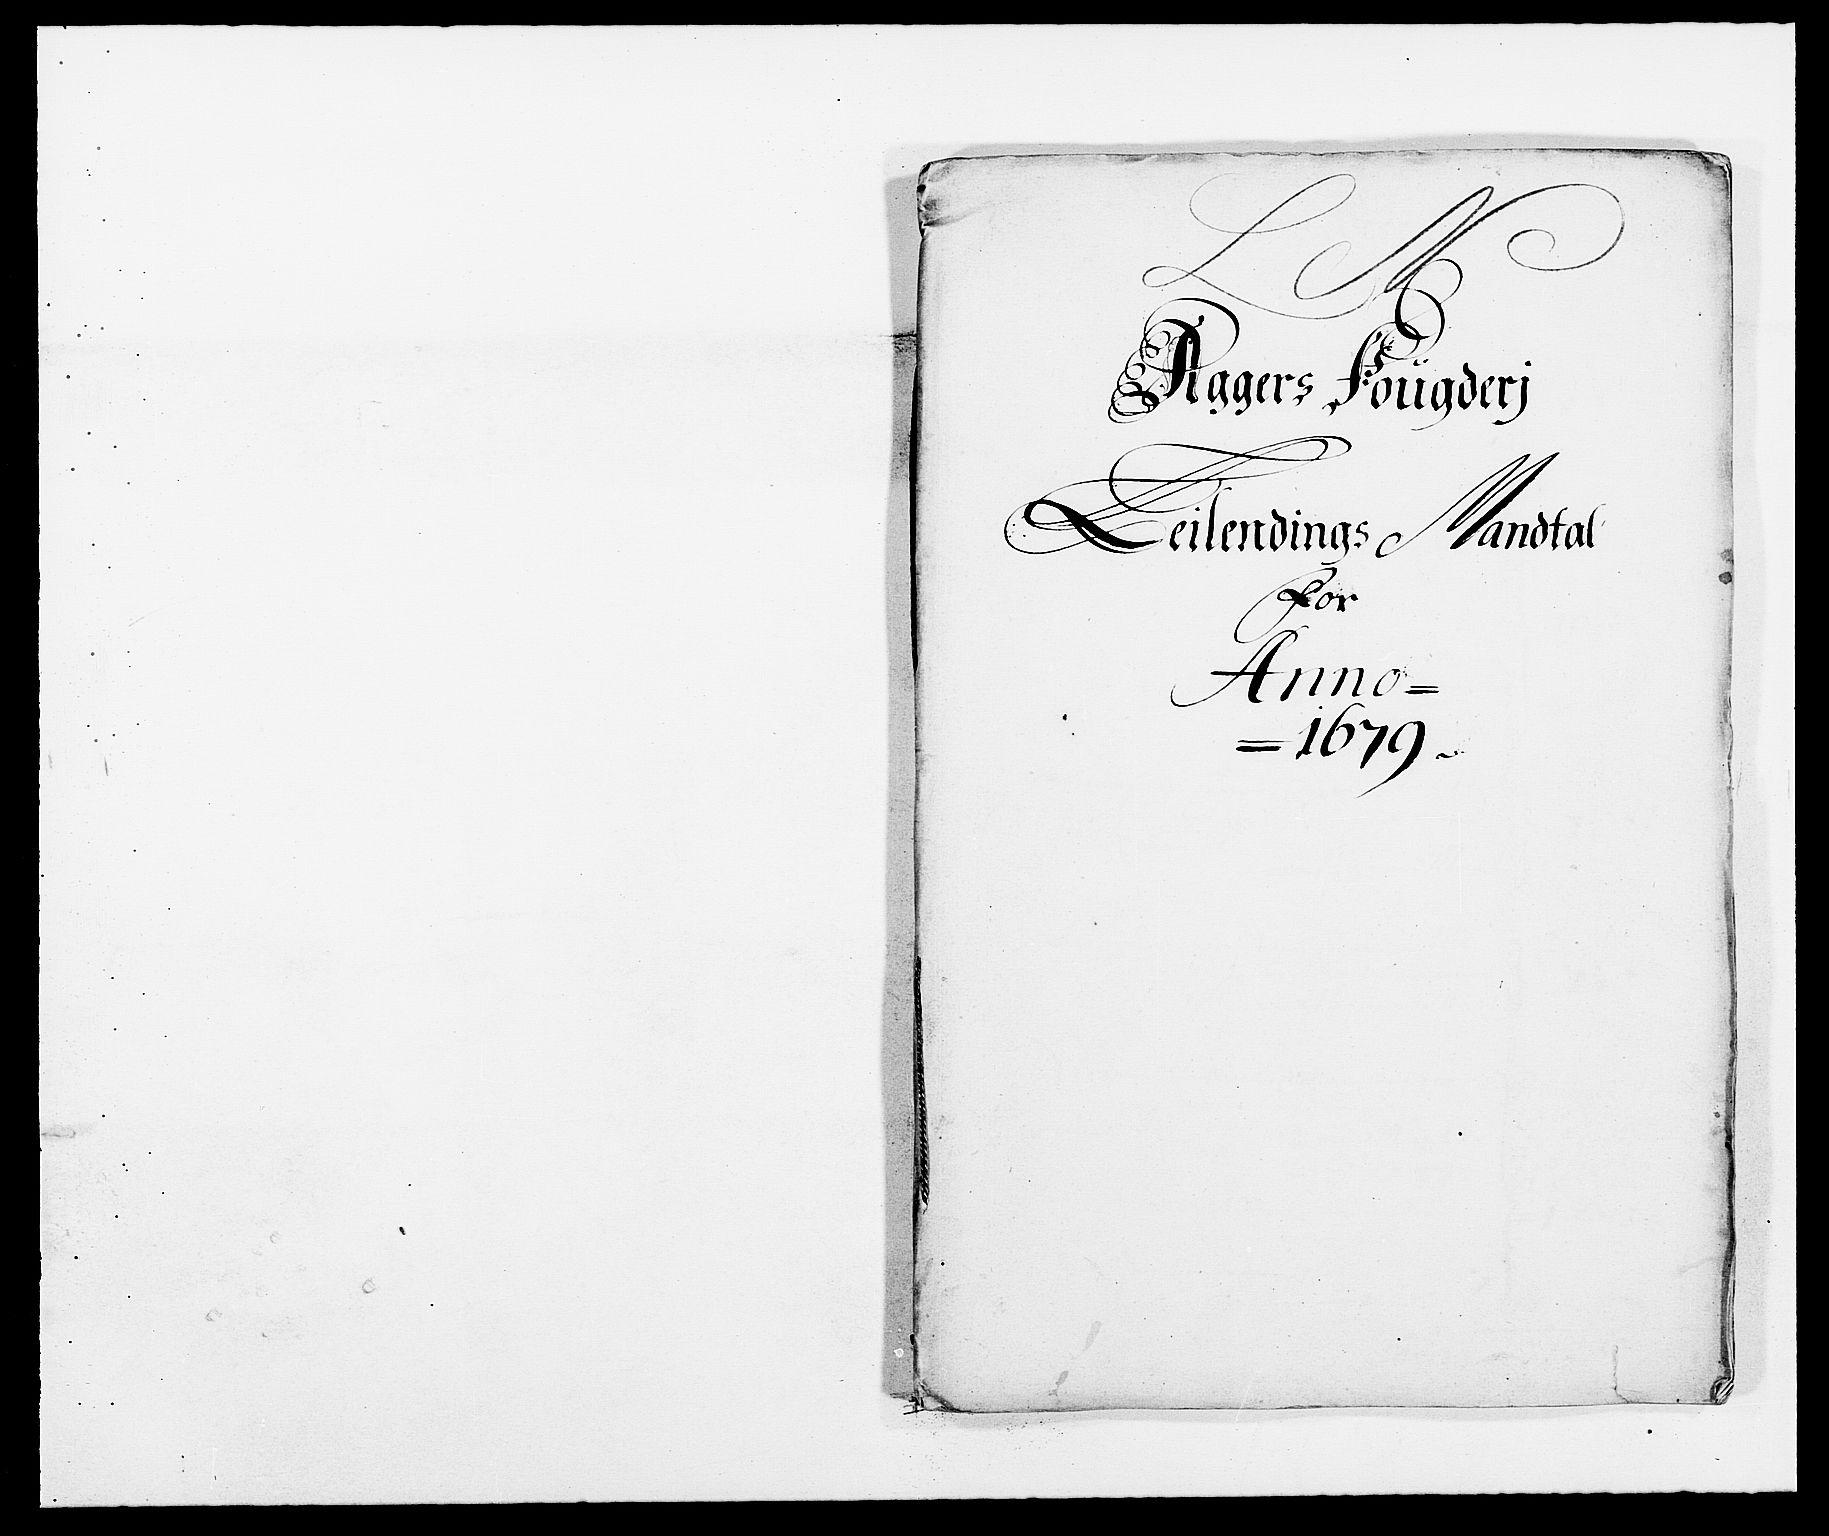 RA, Rentekammeret inntil 1814, Reviderte regnskaper, Fogderegnskap, R08/L0416: Fogderegnskap Aker, 1678-1681, s. 386